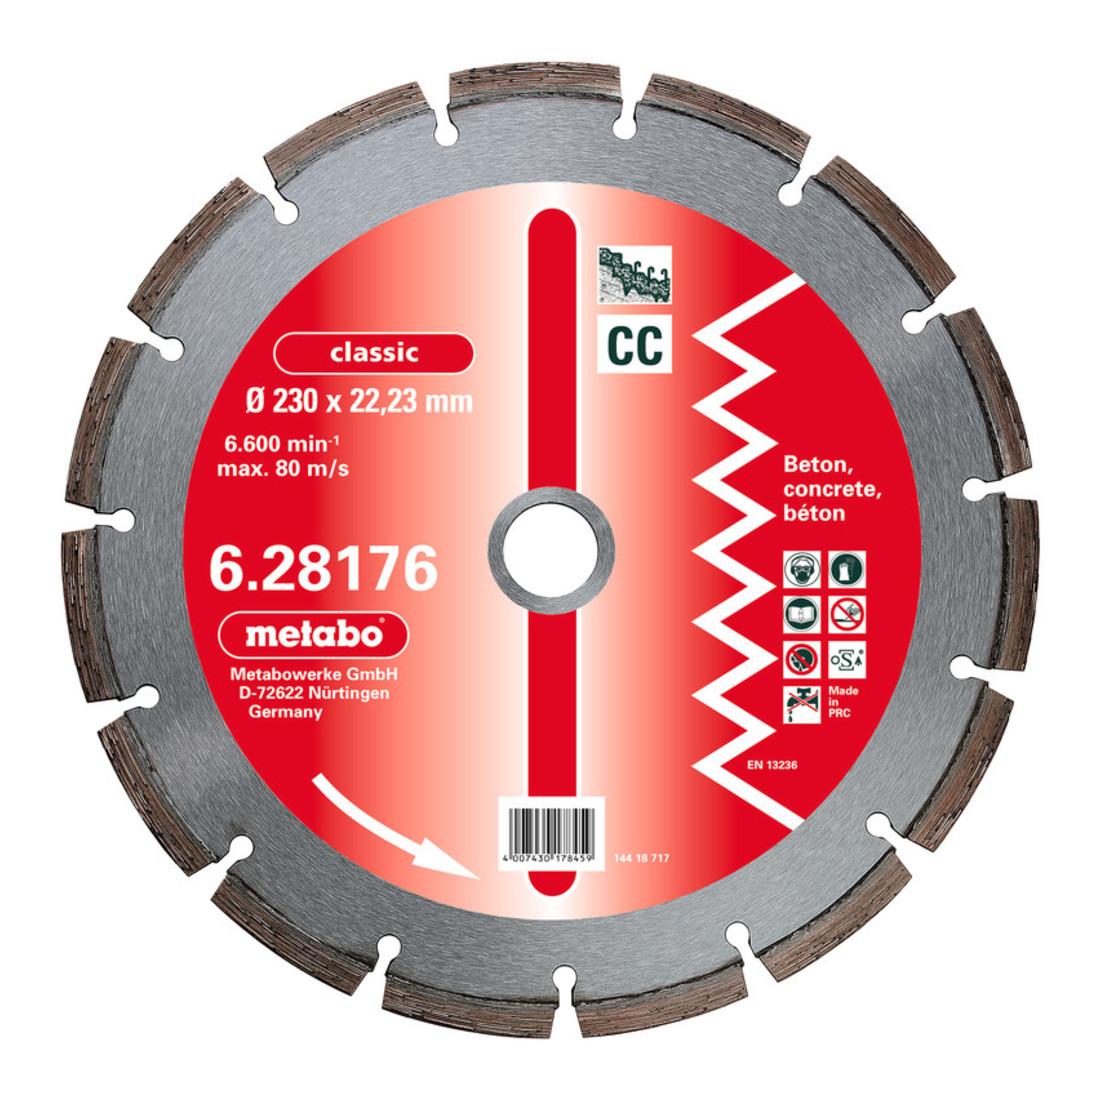 Kopf Messer CMT Ohne Geschwindigkeitsbegrenzer Code 692